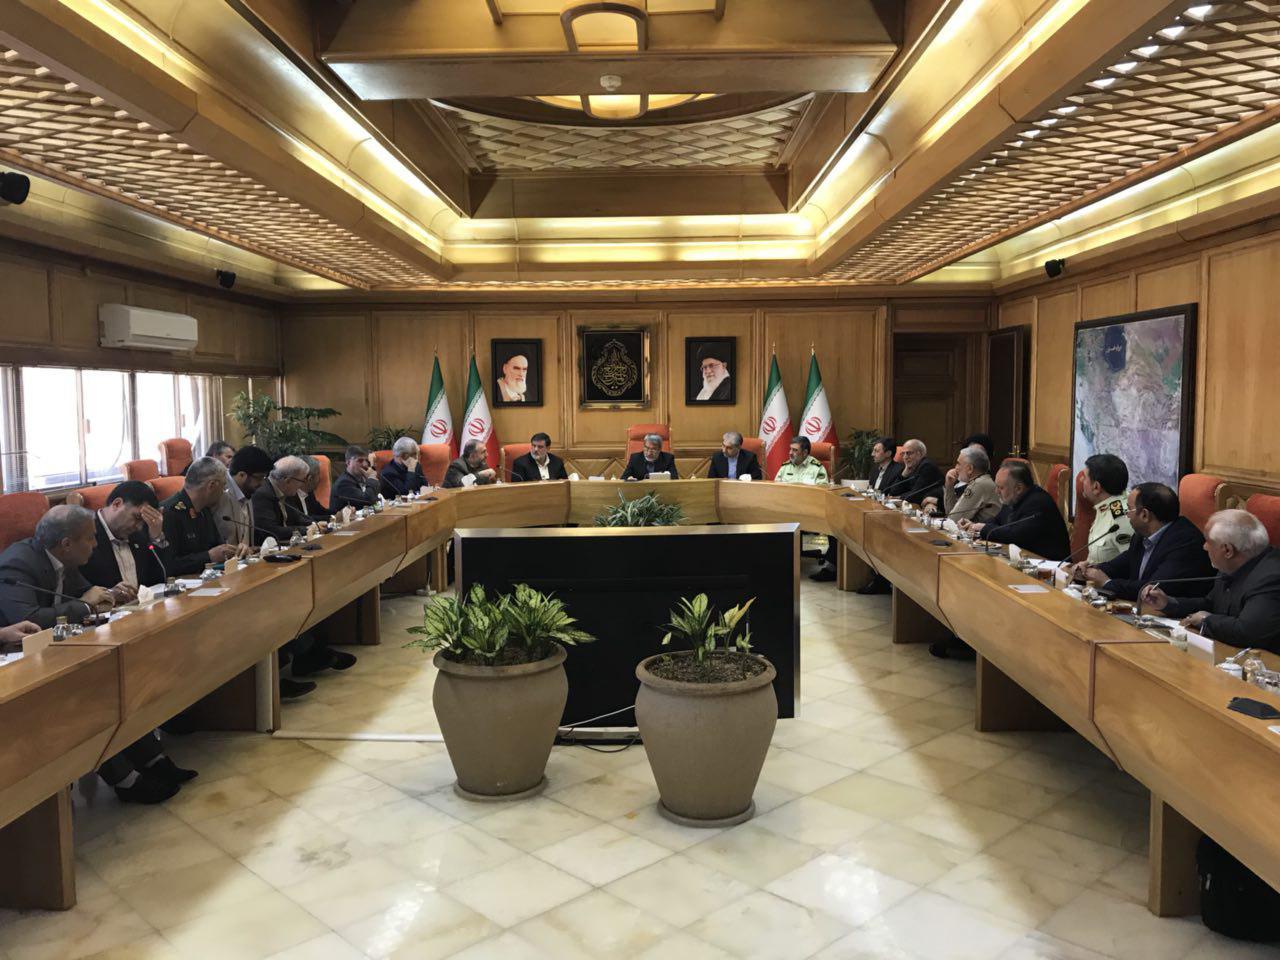 دومین جلسه شوراى عالى مدیریت بحران به ریاست وزیر کشور برگزار شد